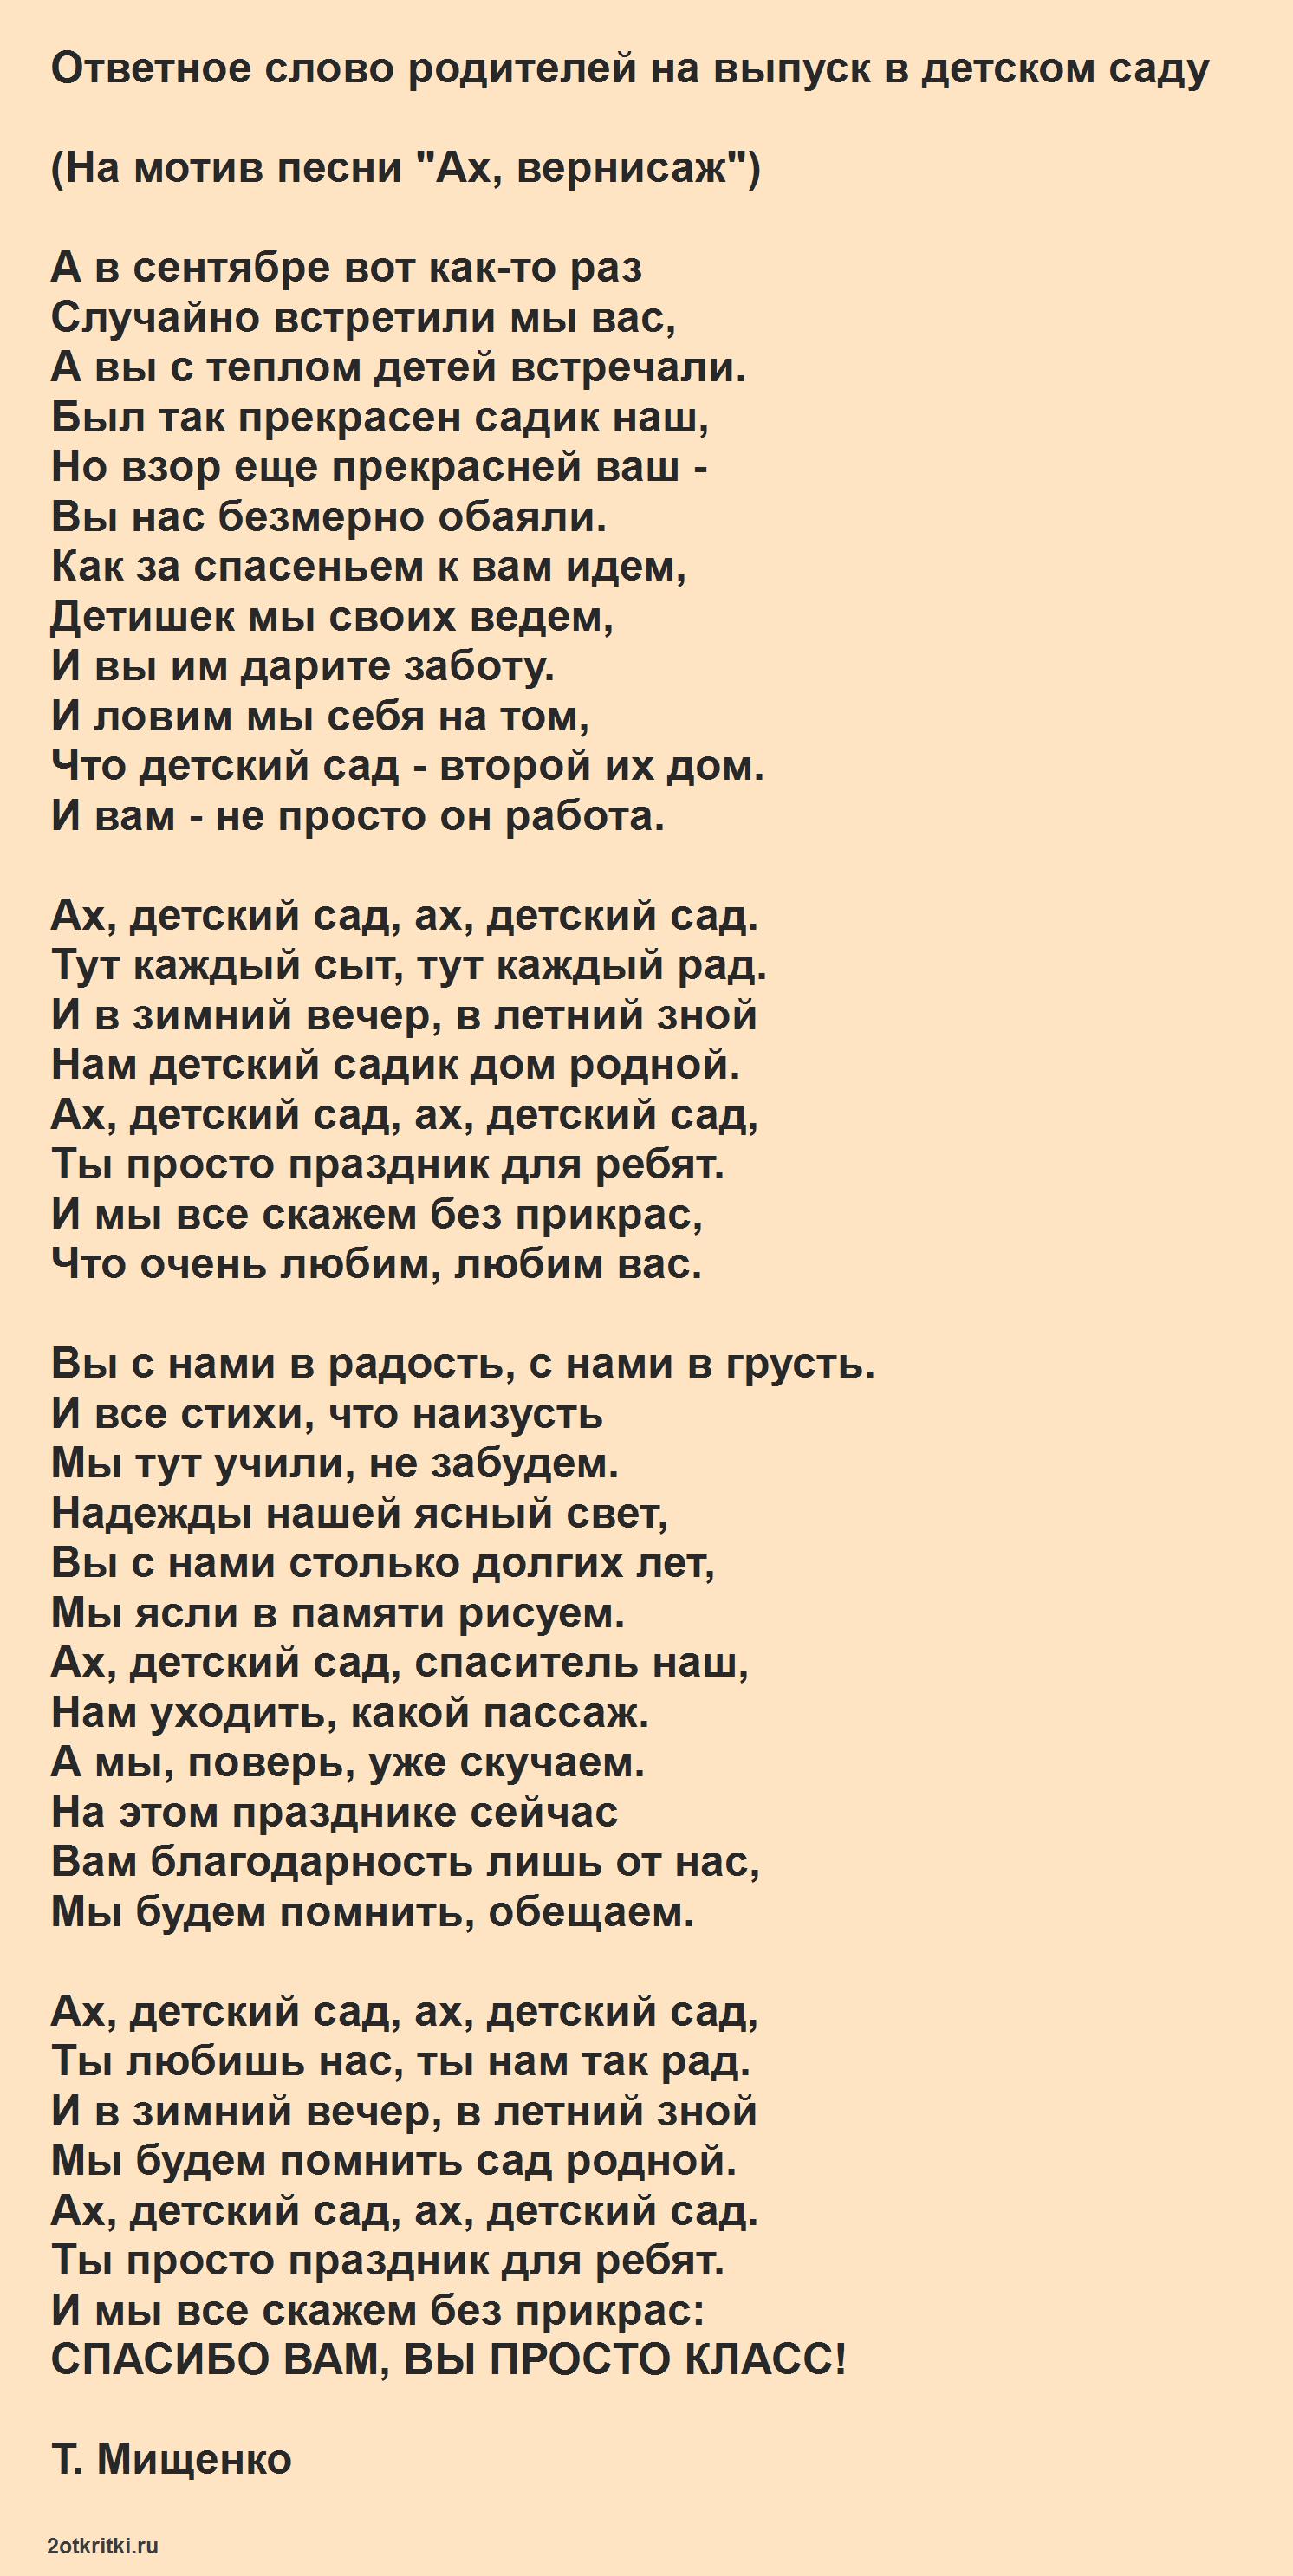 Песня родителей на выпускной в детском саду